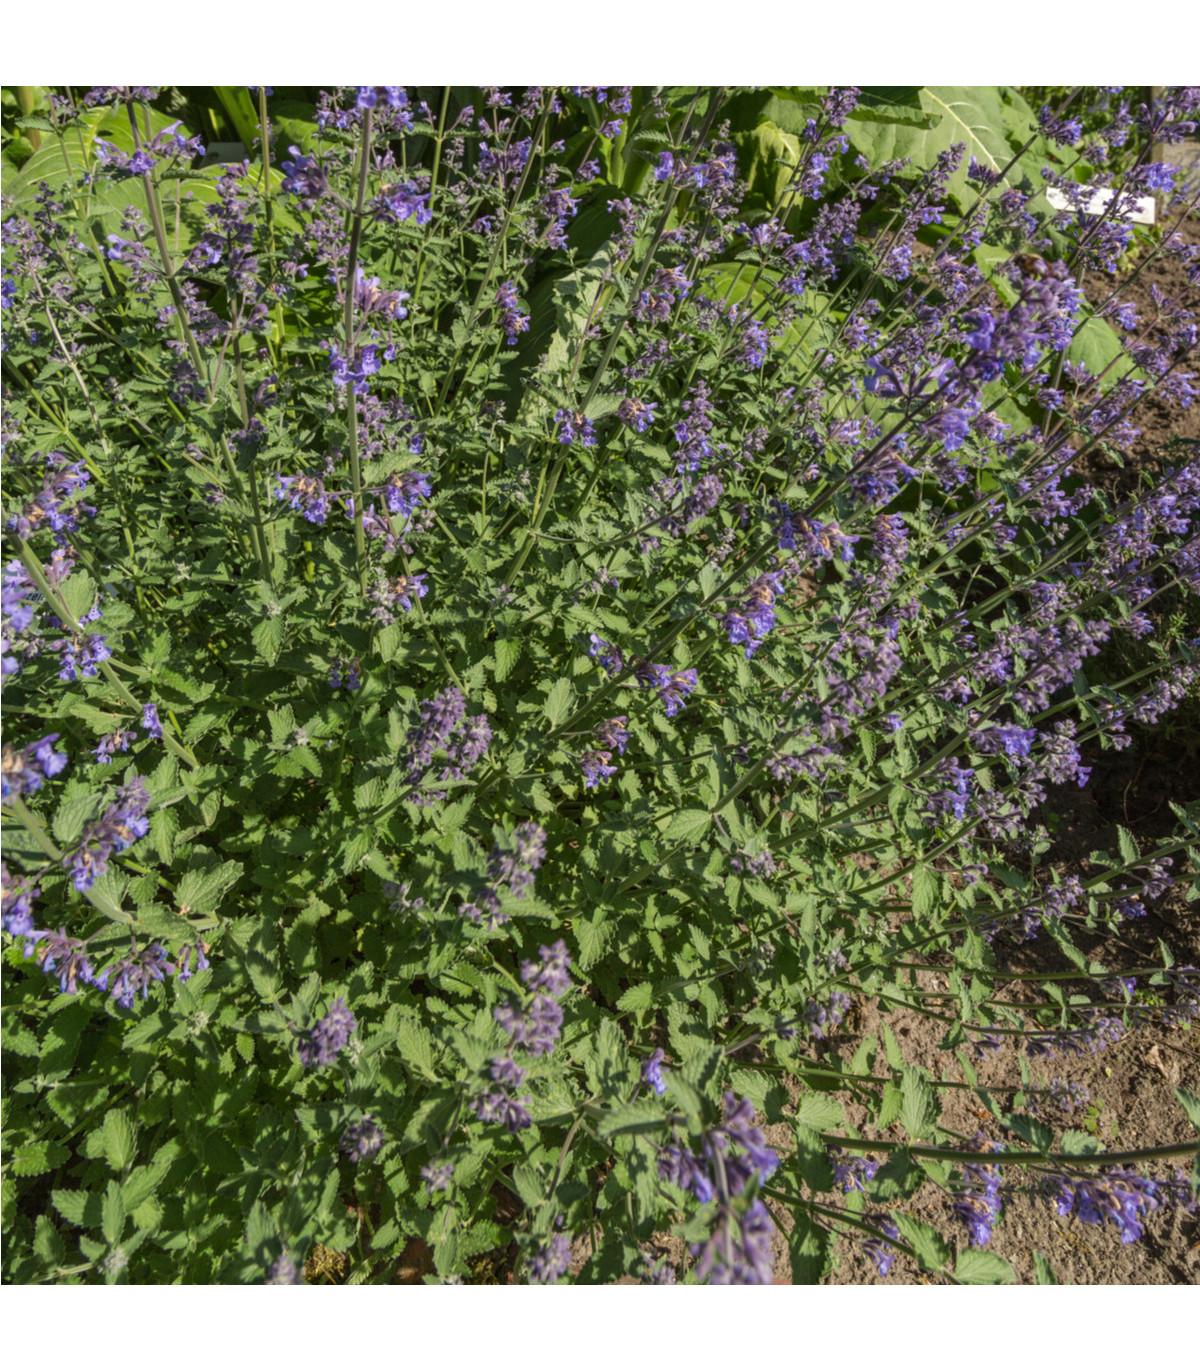 Kocúrnik obyčajný - Nepeta cataria - semená kocúrnika - 15 ks